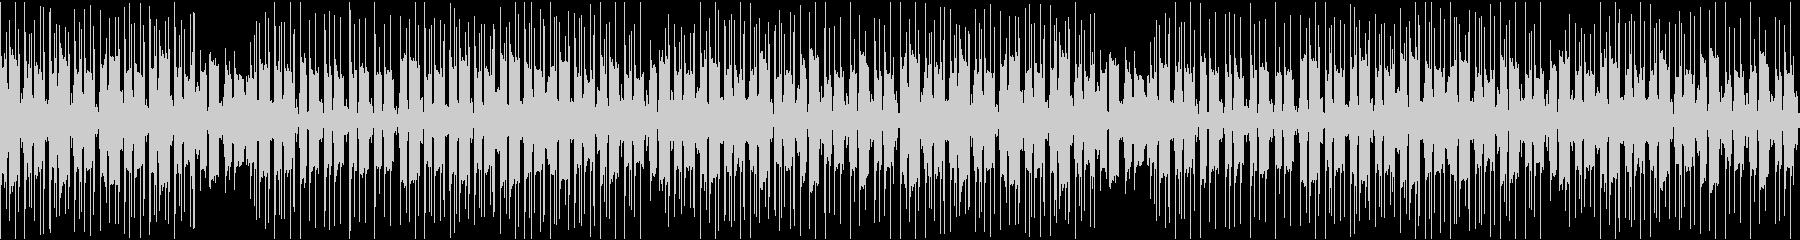 アコギを使ったLoFiチルアウトインストの未再生の波形